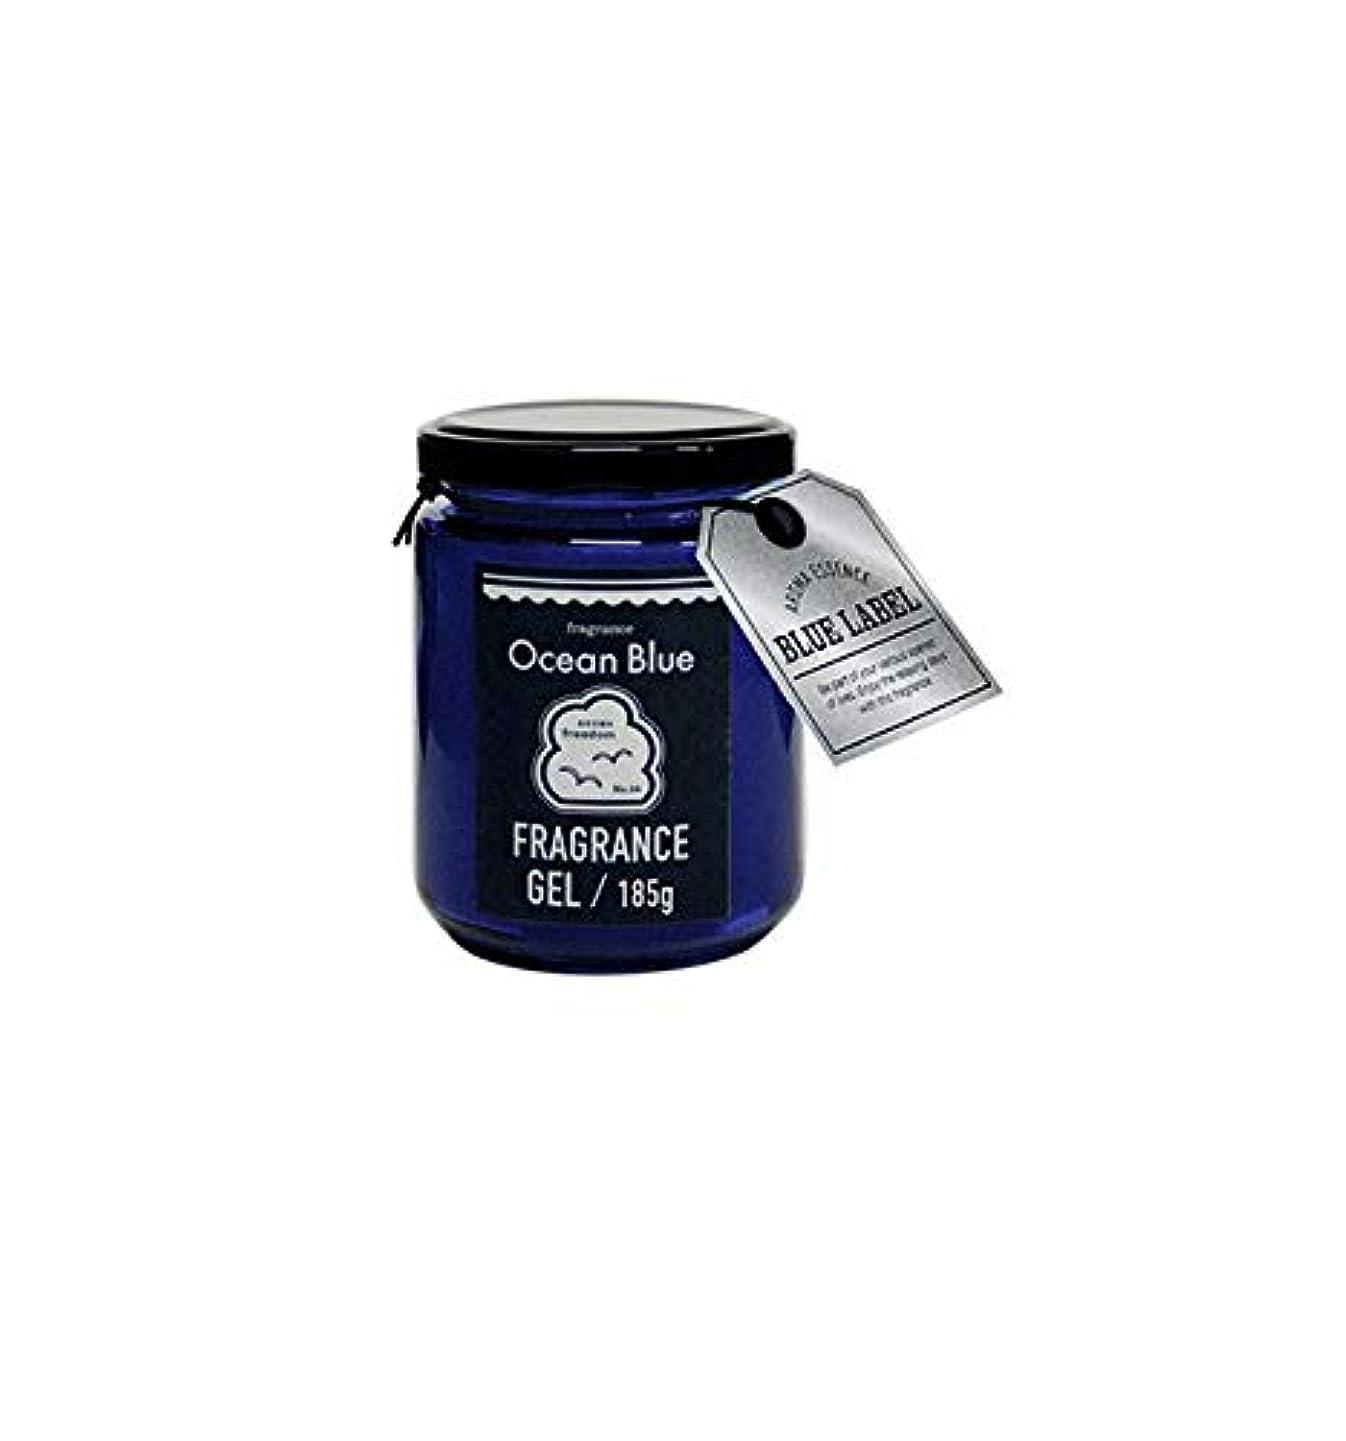 予想外遺産屈辱するブルーラベル ブルー フレグランスジェル185g オーシャンブルー(ルームフレグランス 約1-2ヶ月 海の爽快な香り)